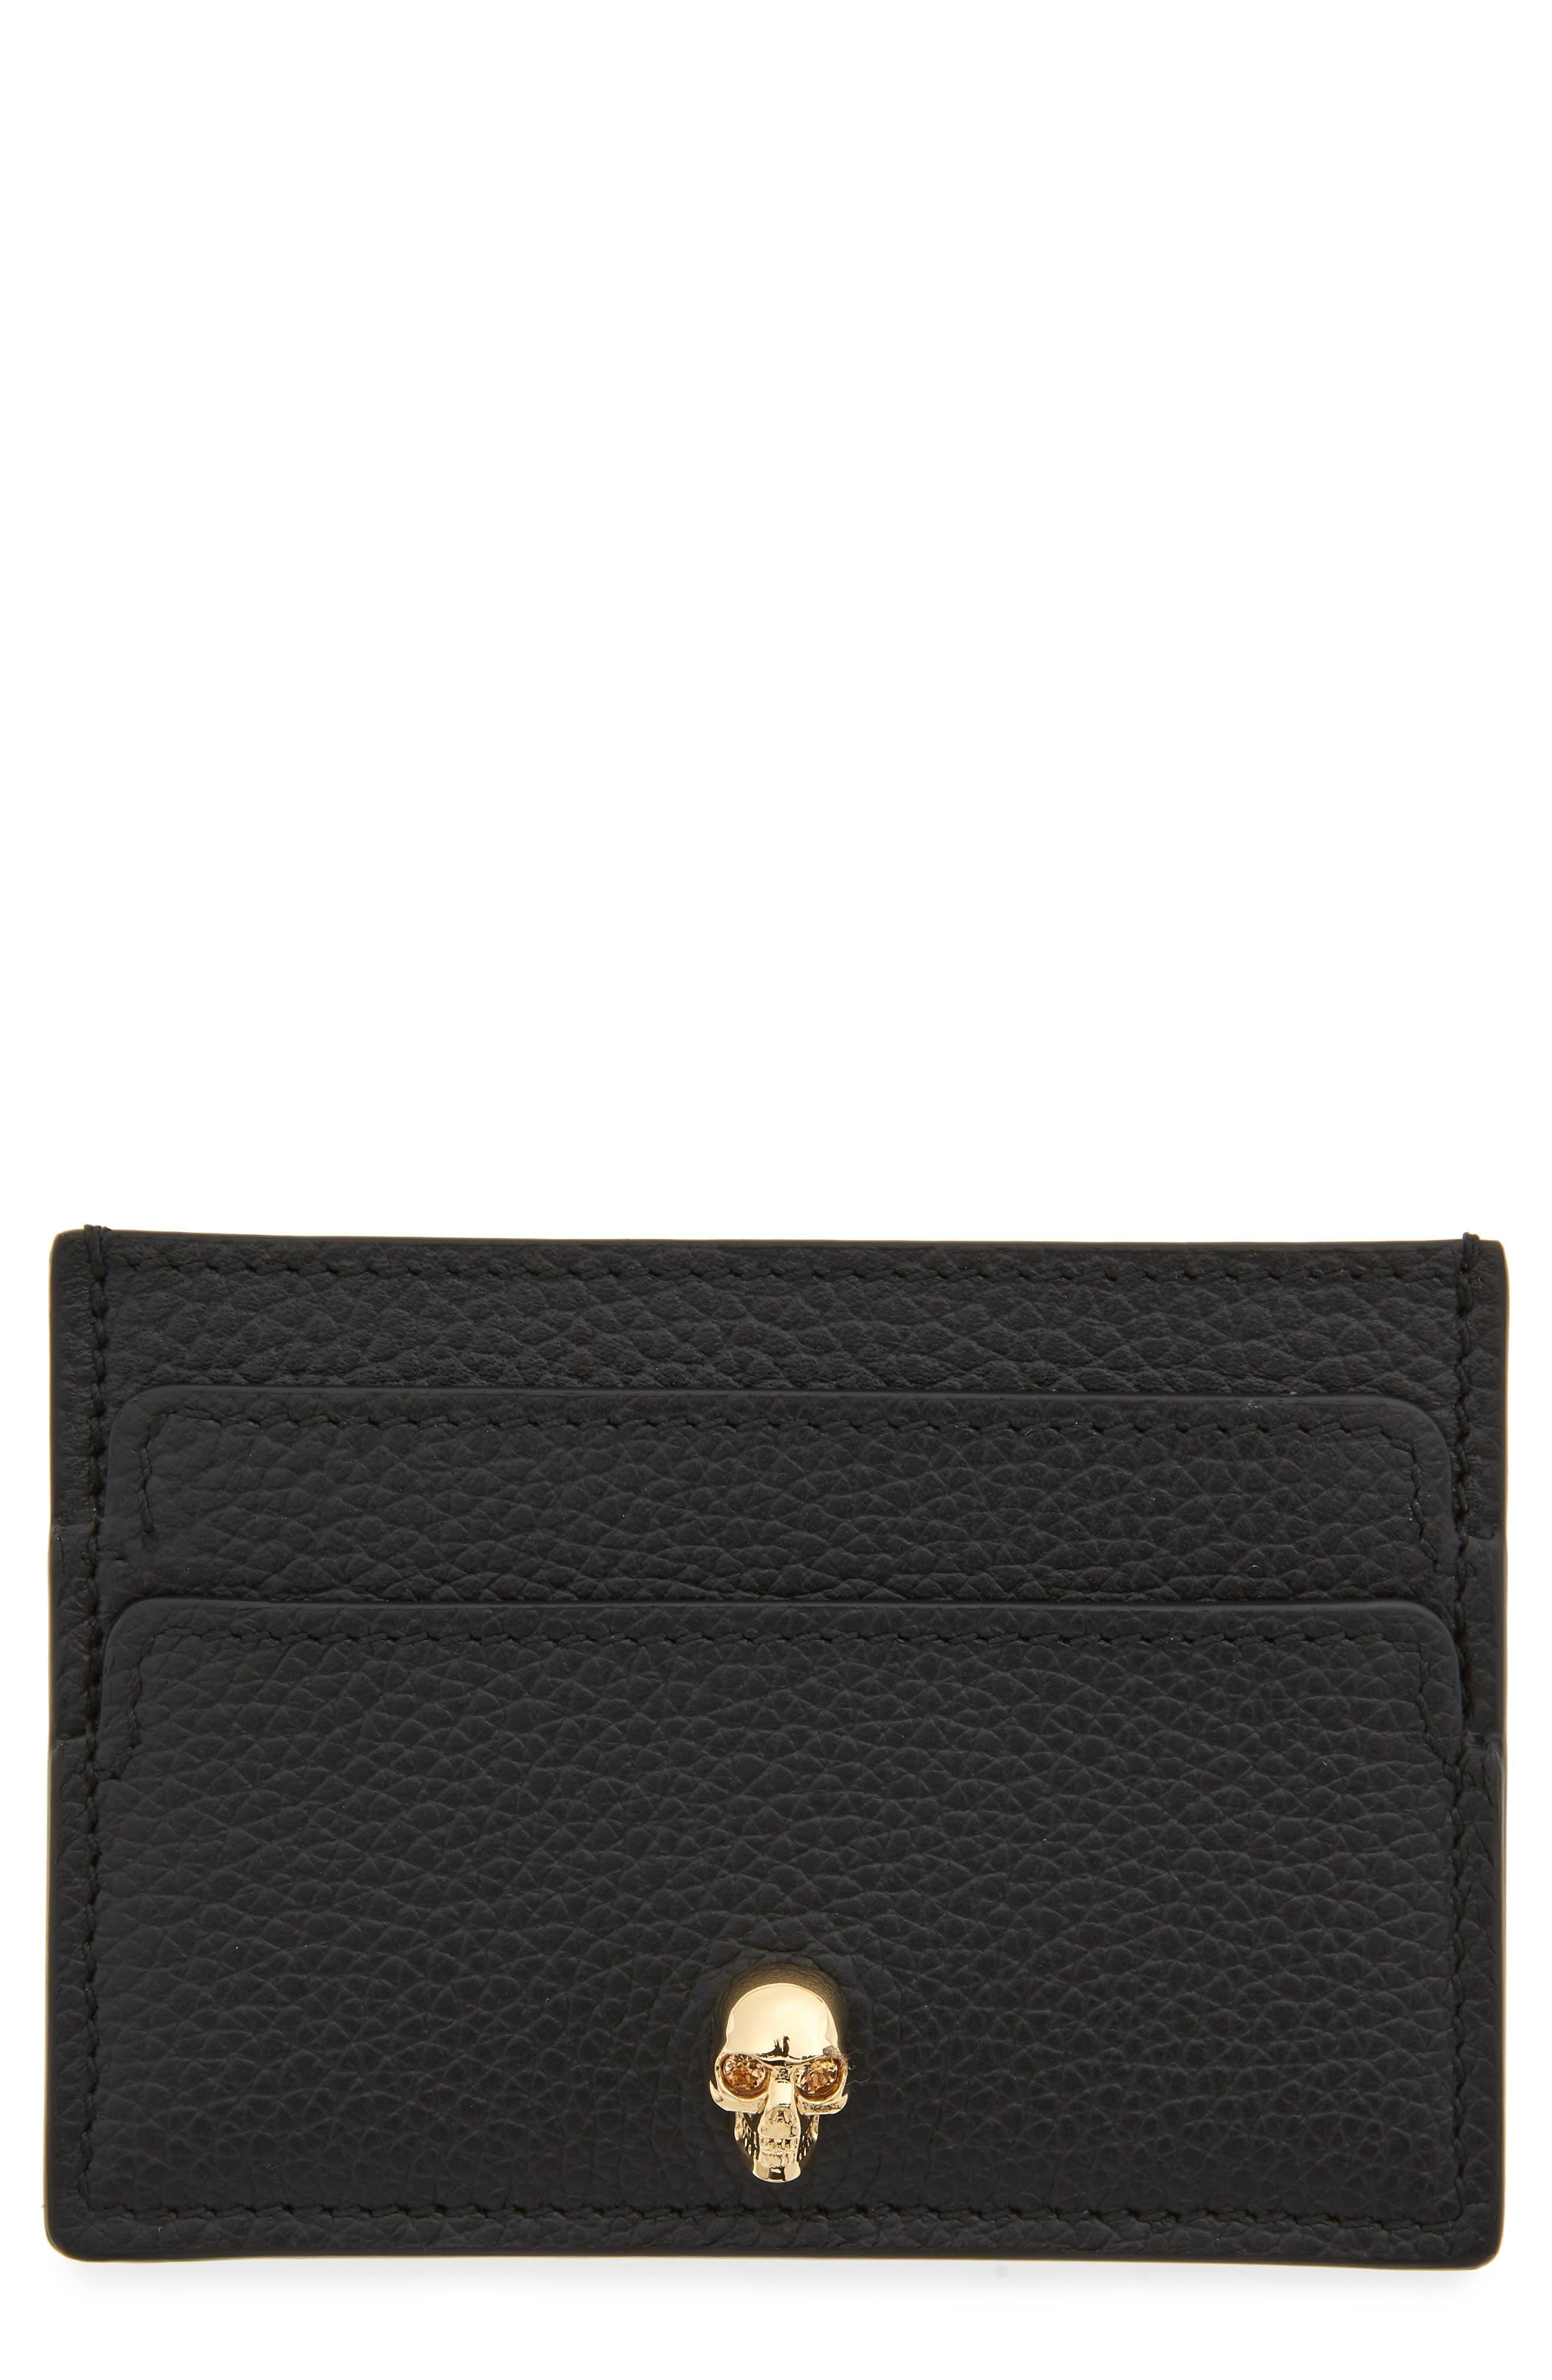 Alexander McQueen Skull Calfskin Leather Card Case